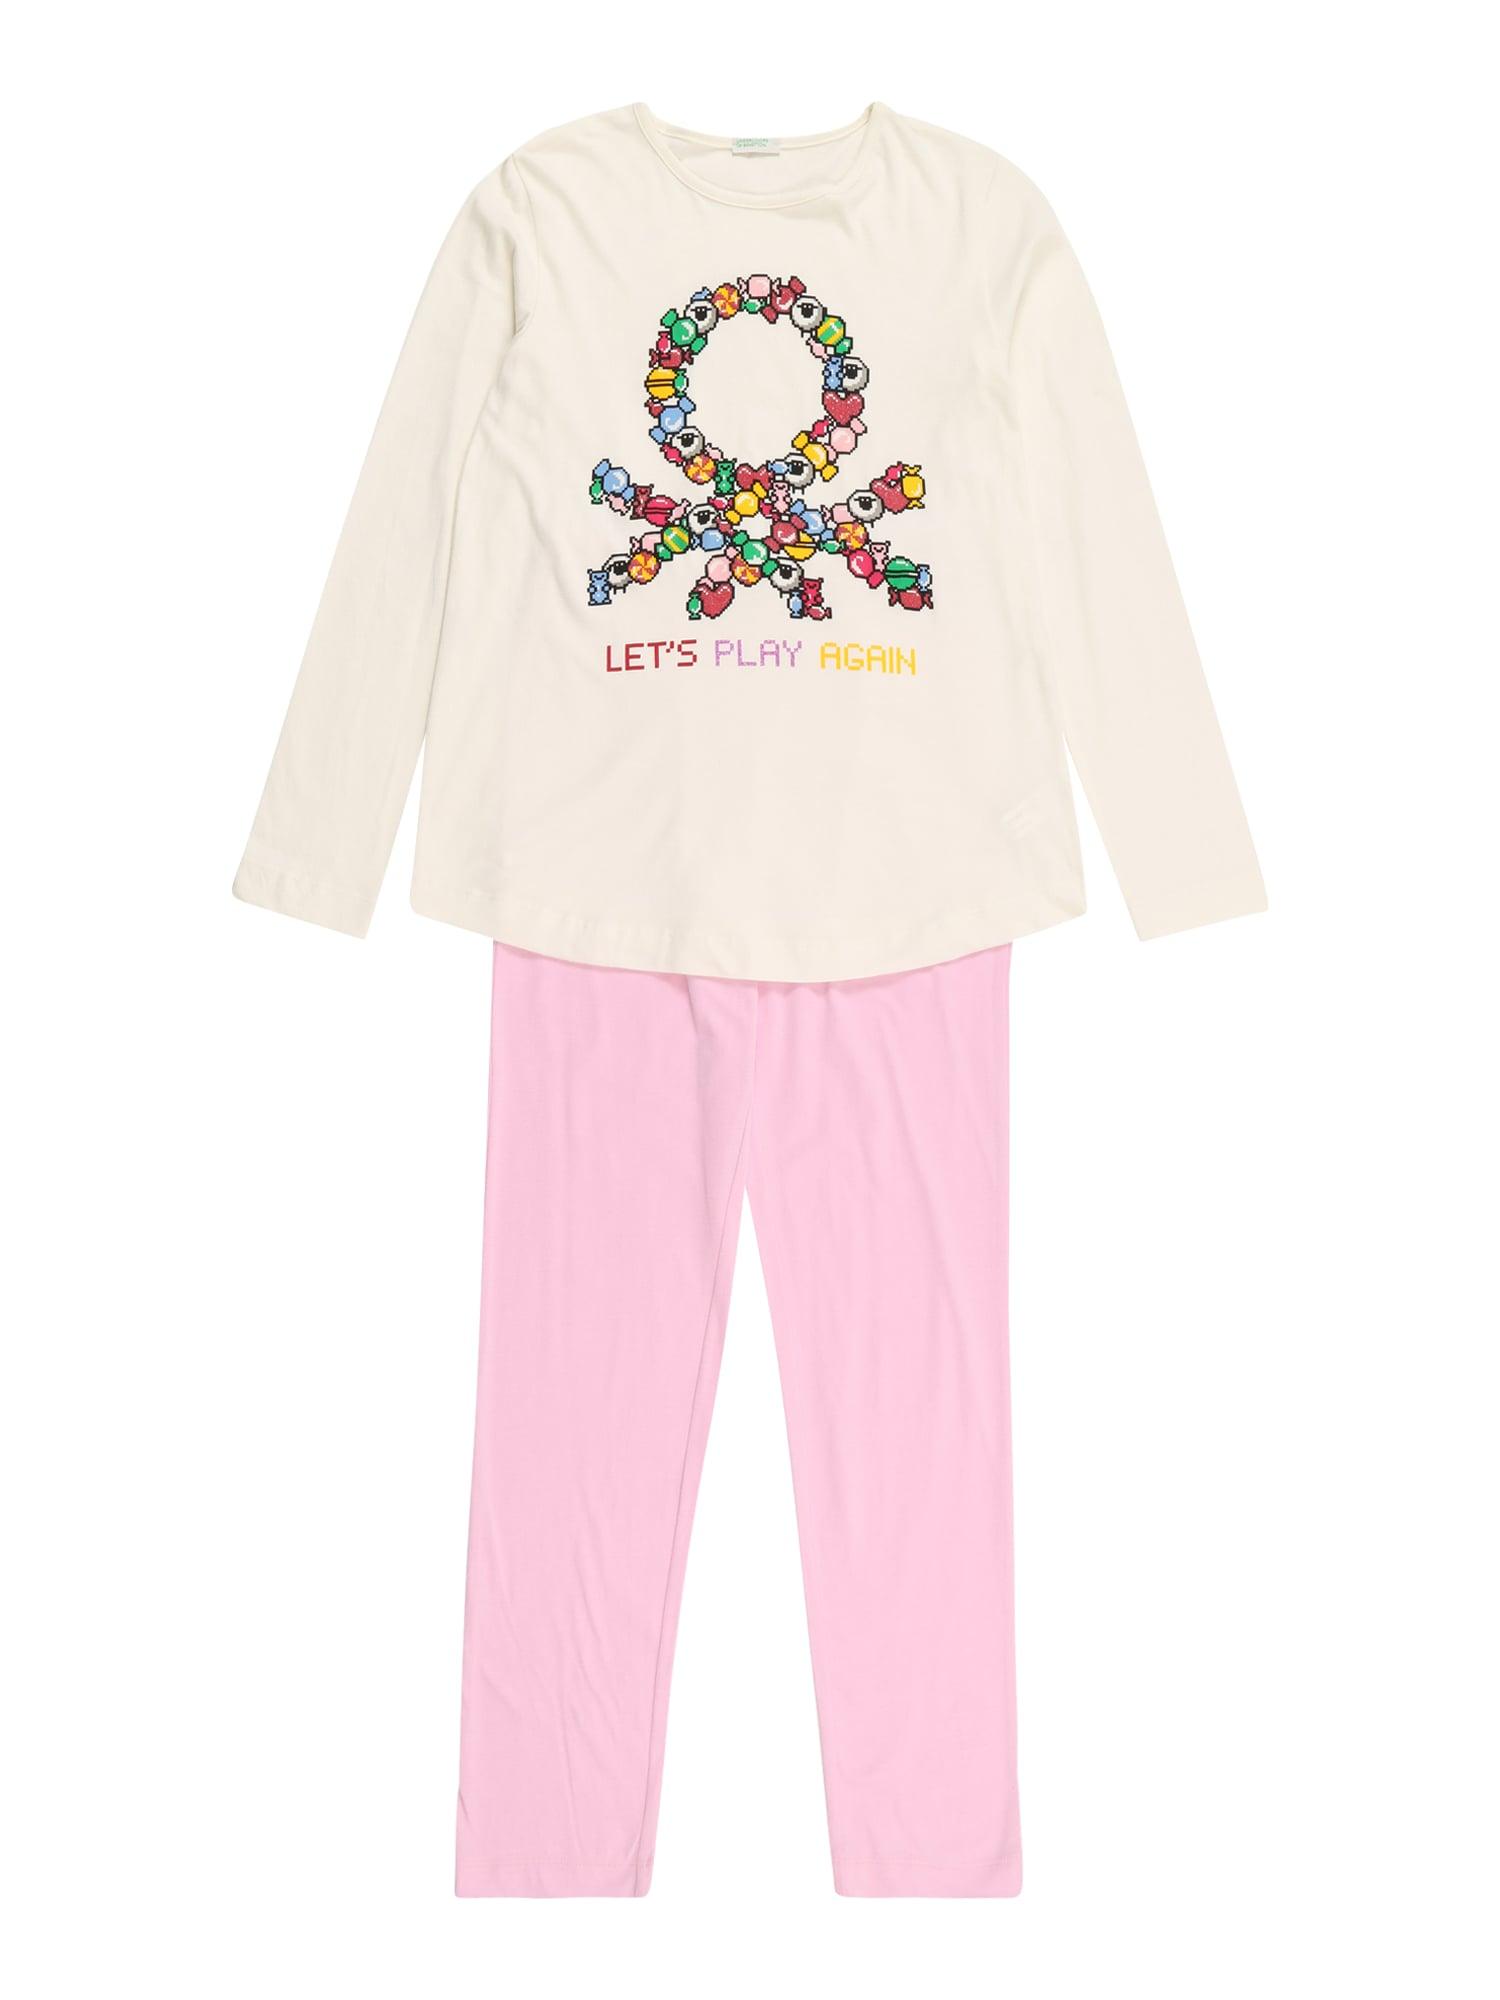 UNITED COLORS OF BENETTON Miego kostiumas kremo / geltona / mišrios spalvos / rožių spalva